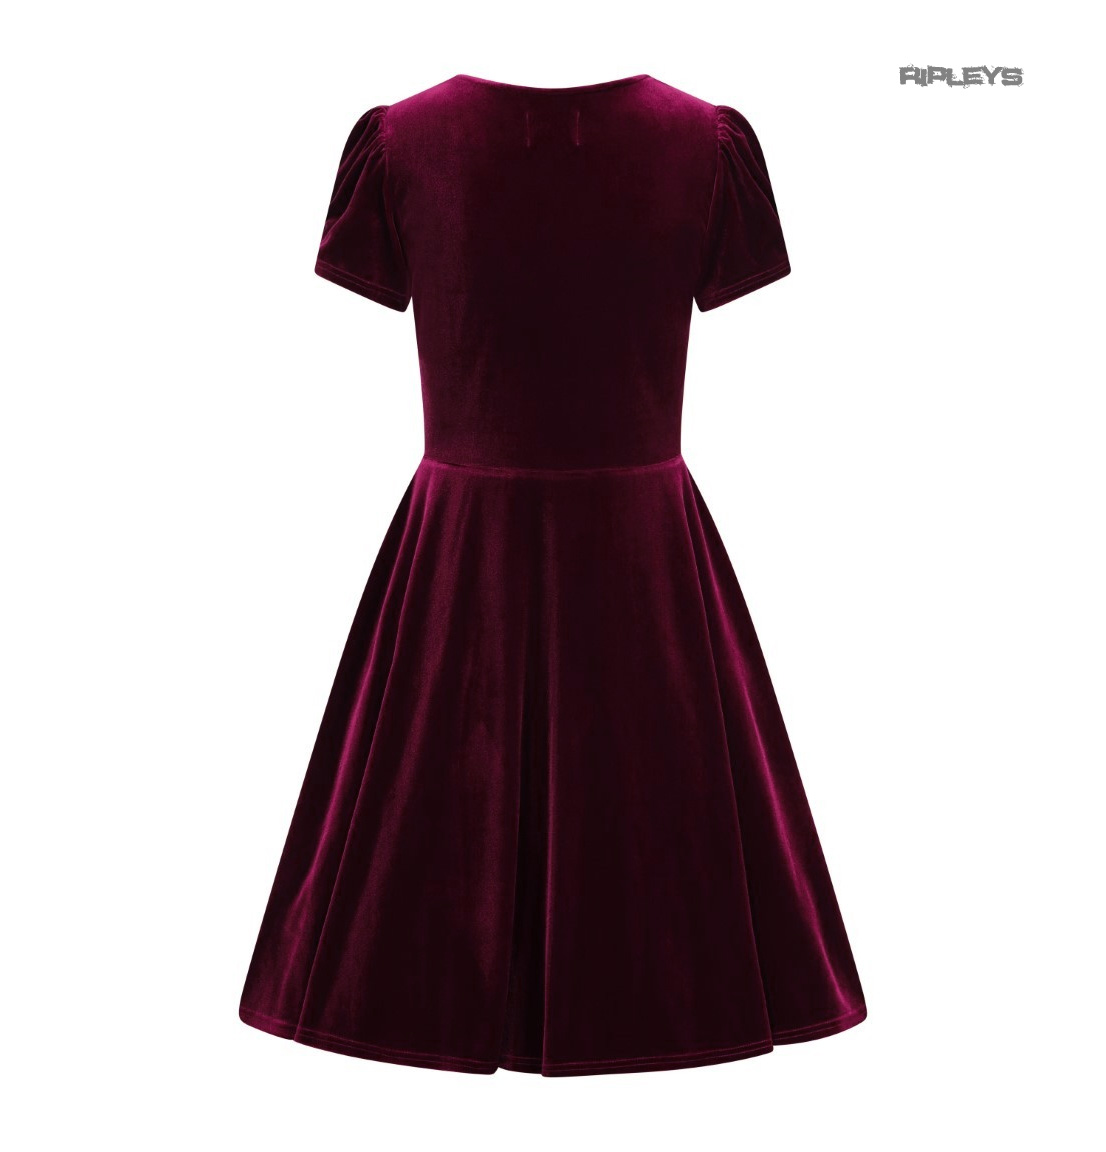 Hell-Bunny-40s-50s-Elegant-Pin-Up-Dress-JOANNE-Crushed-Velvet-Burgundy-All-Sizes thumbnail 42